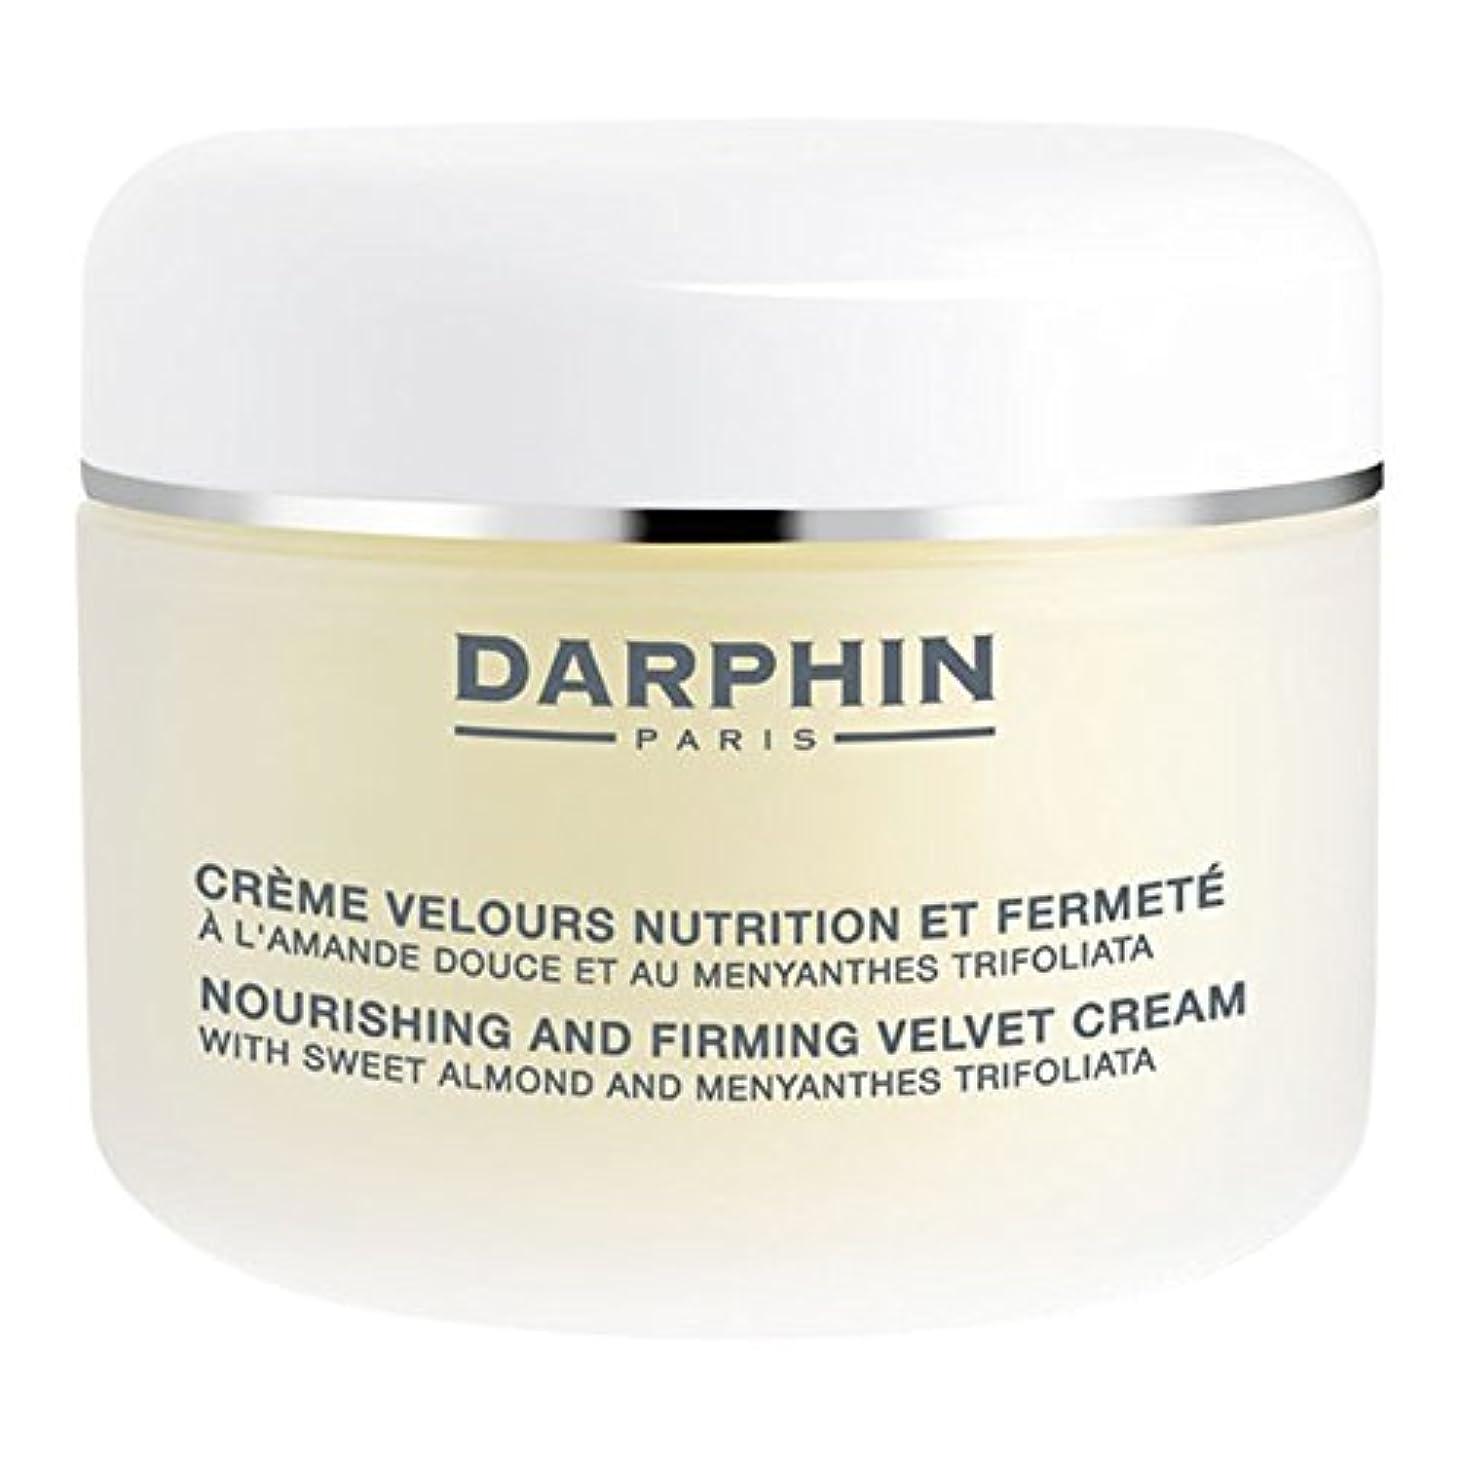 リテラシーオアシス大いに栄養と引き締めベルベットのクリーム200ミリリットルをダルファン (Darphin) (x6) - Darphin Nourishing and Firming Velvet Cream 200ml (Pack of 6) [並行輸入品]